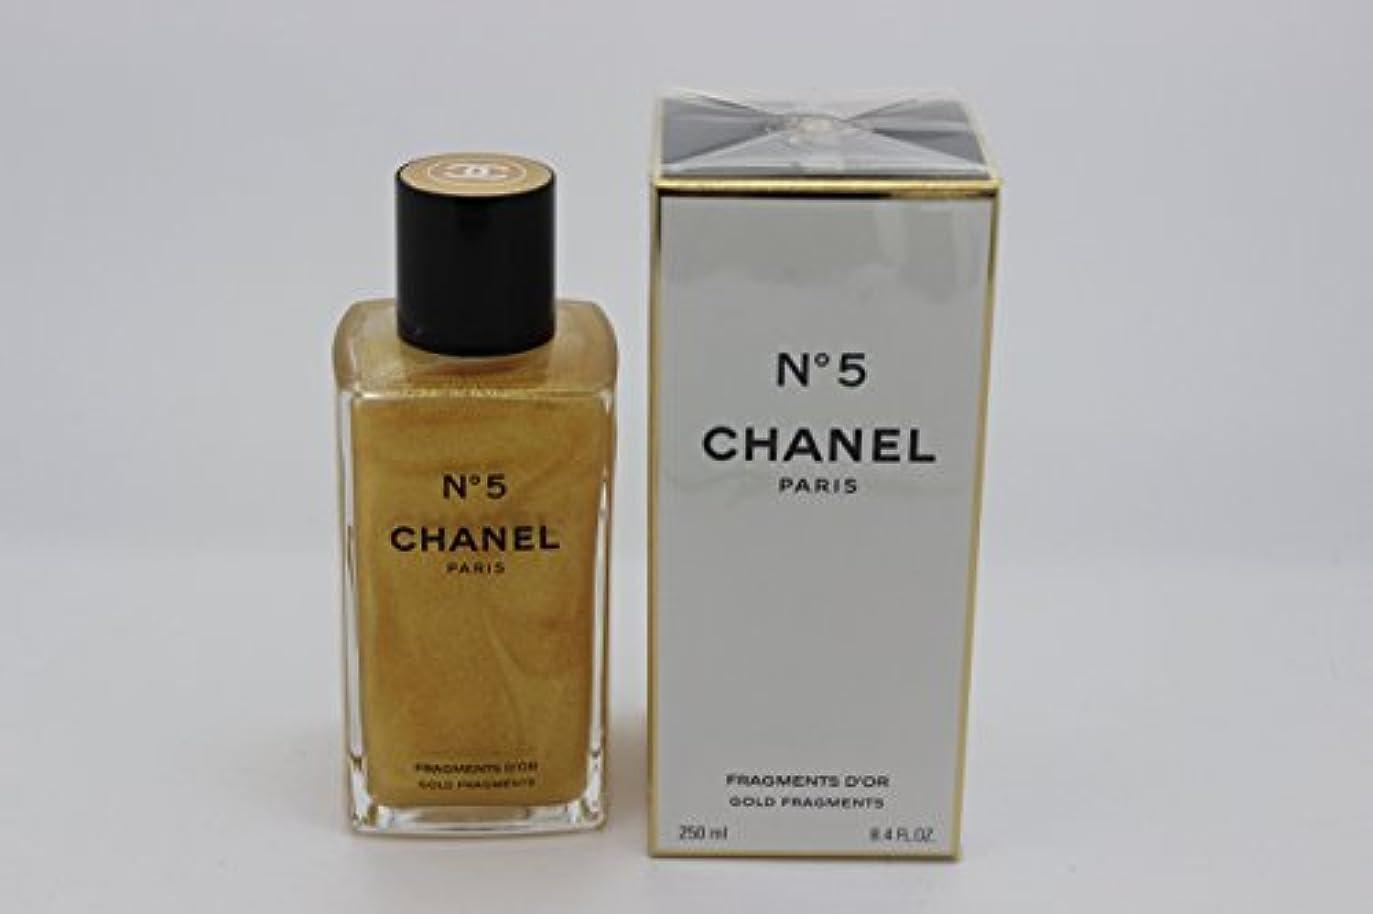 パイバージン教育するChanel No. 5 (シャネル No. 5) 8.4 oz (252ml) Gold Fragments Shimmering Body Gel for Women